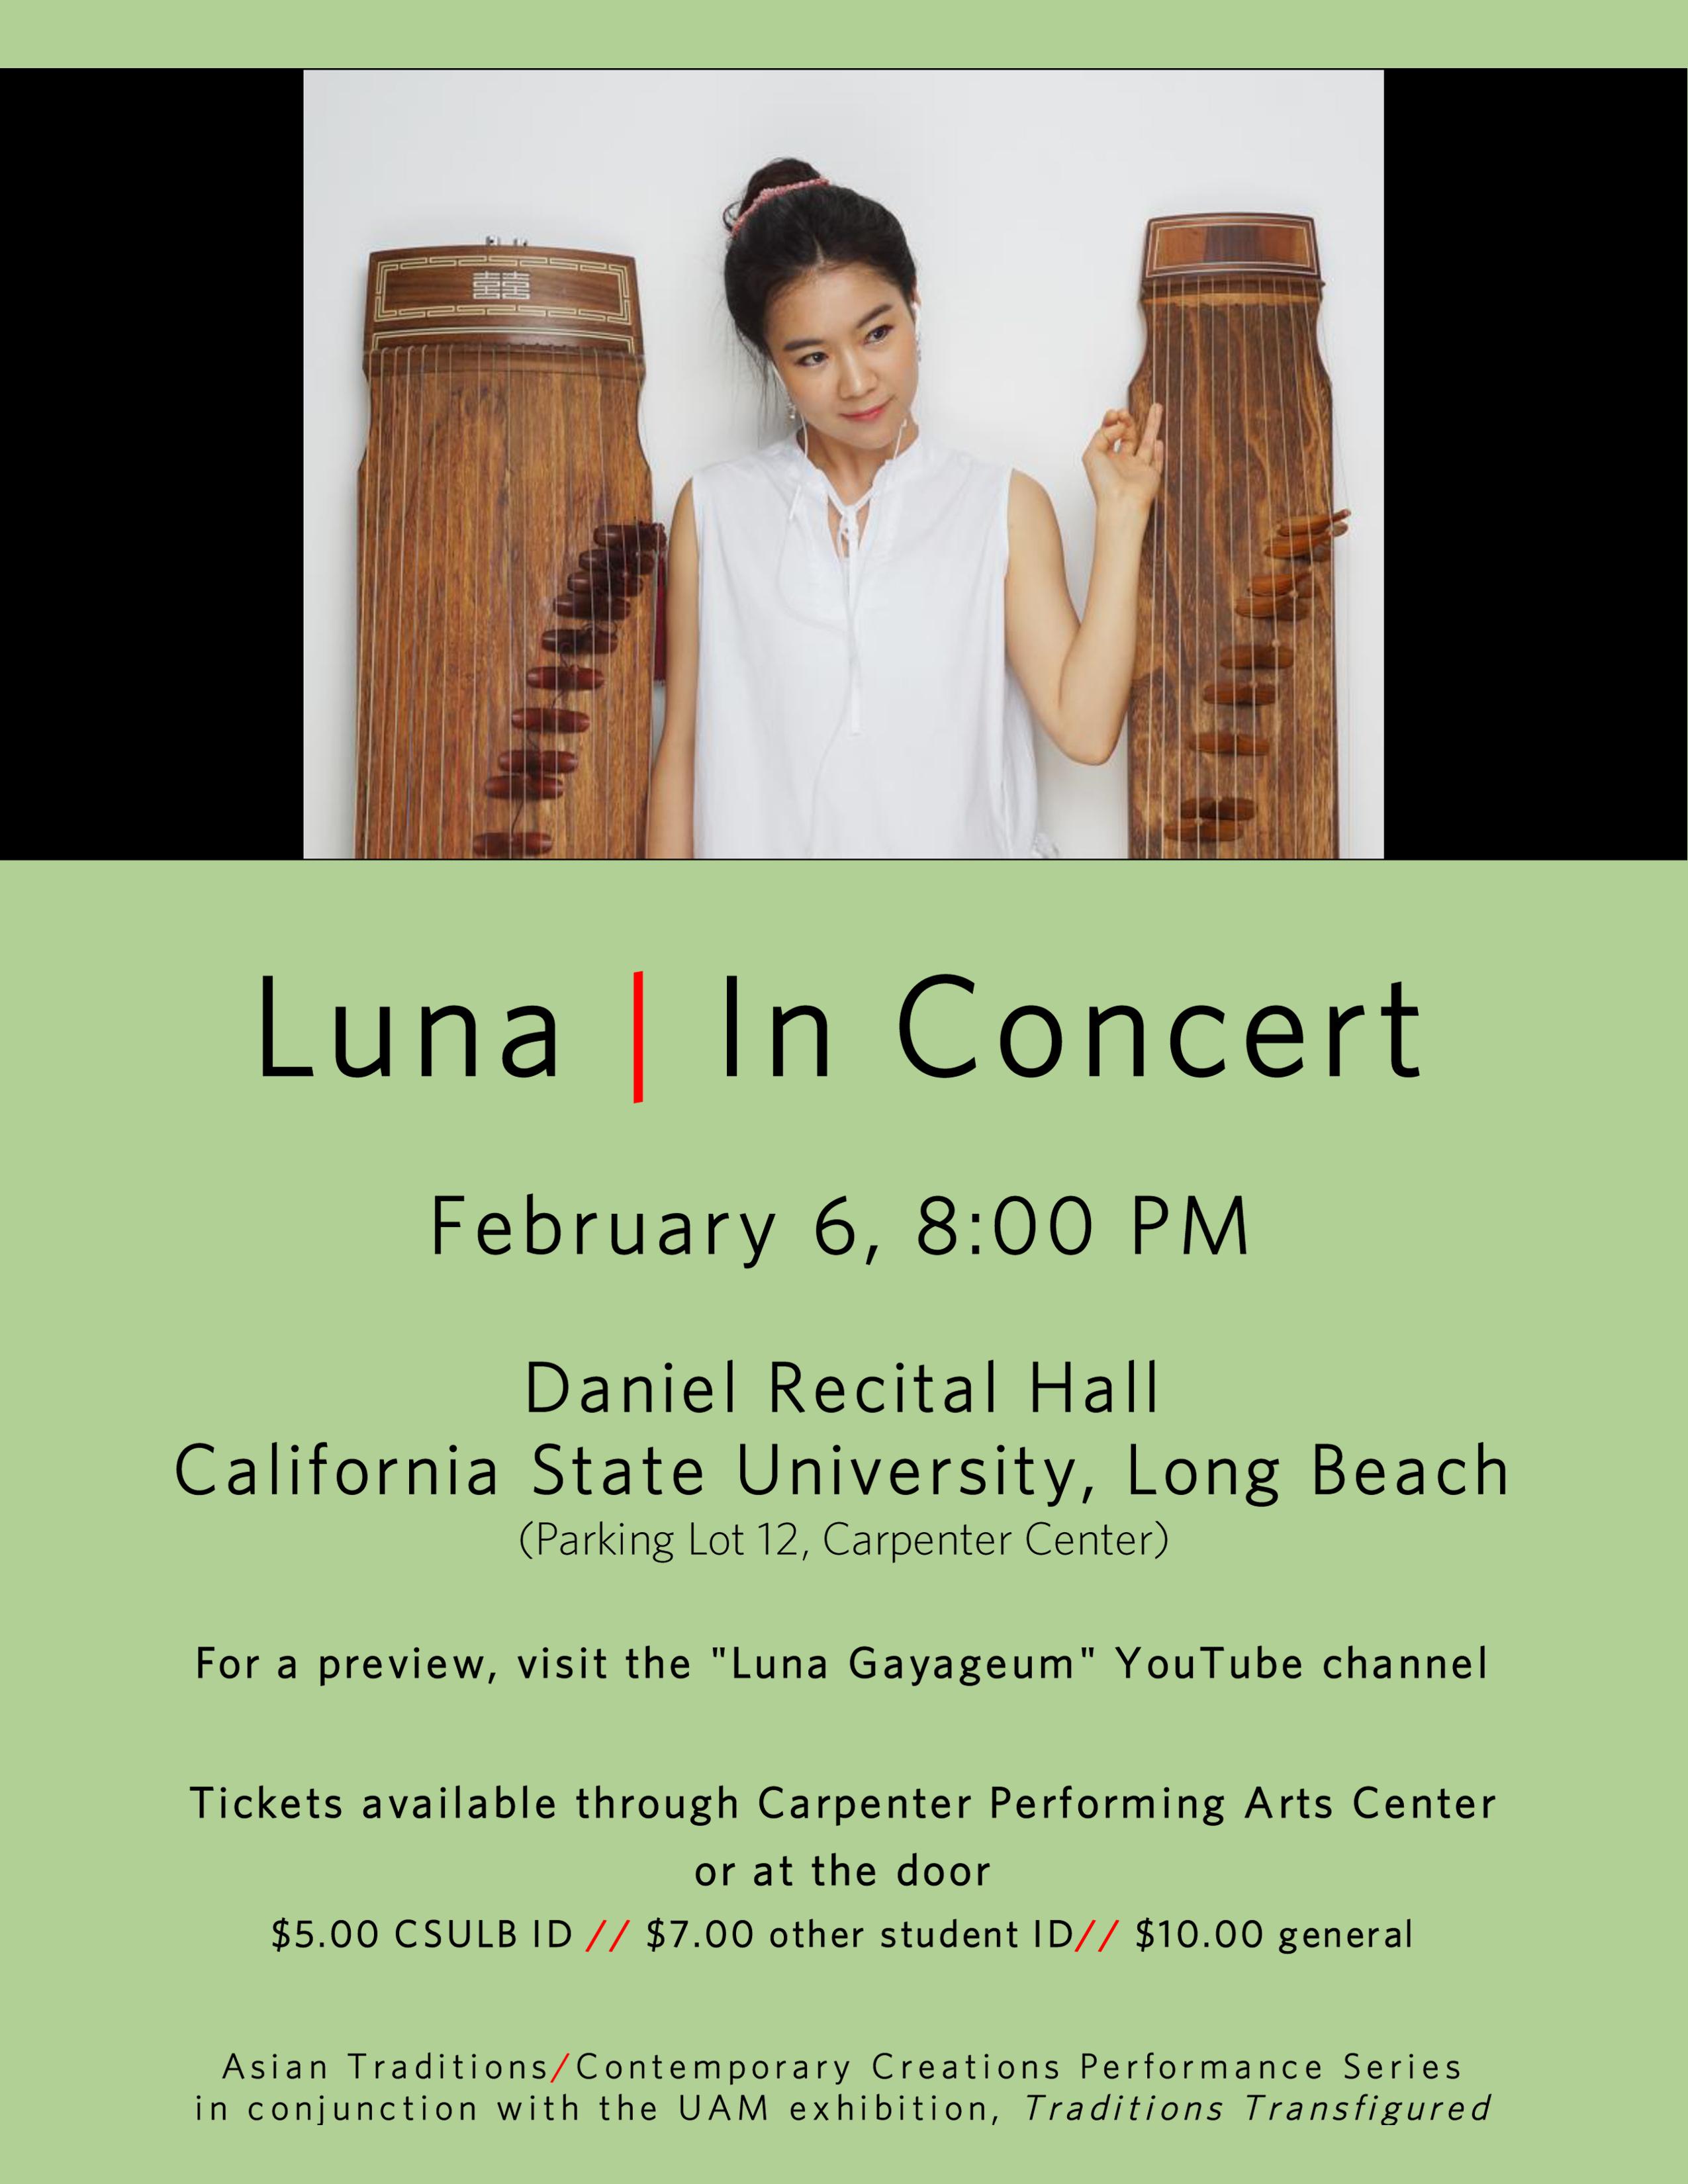 Luna In Concert